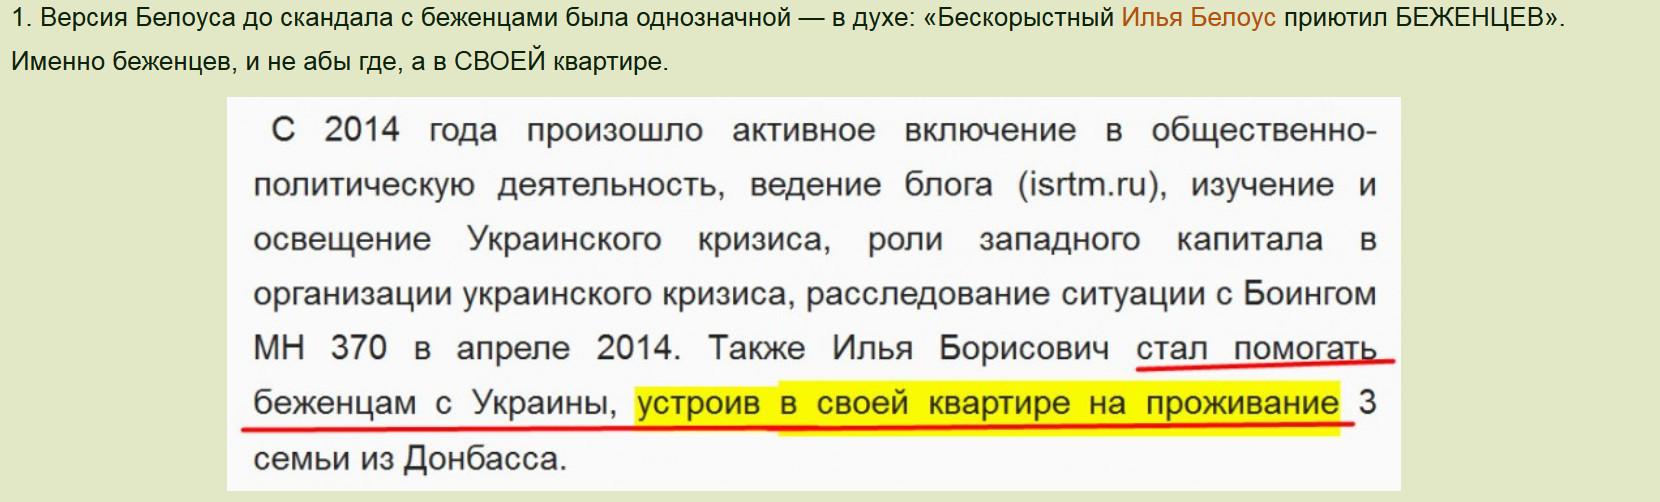 Илья Белоус  афера с беженцами